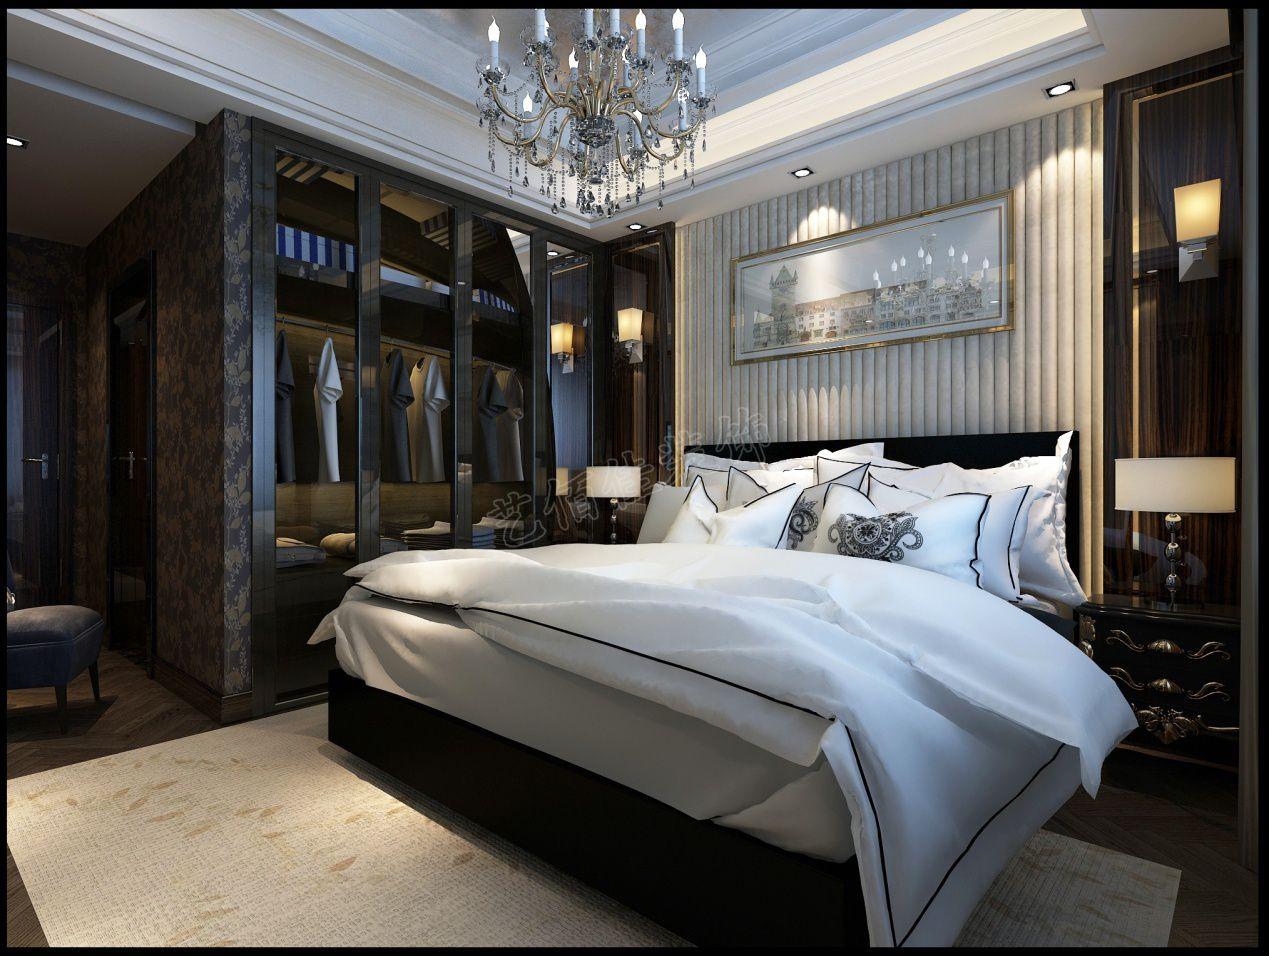 主卧室采用了暗色欧式花纹的墙布